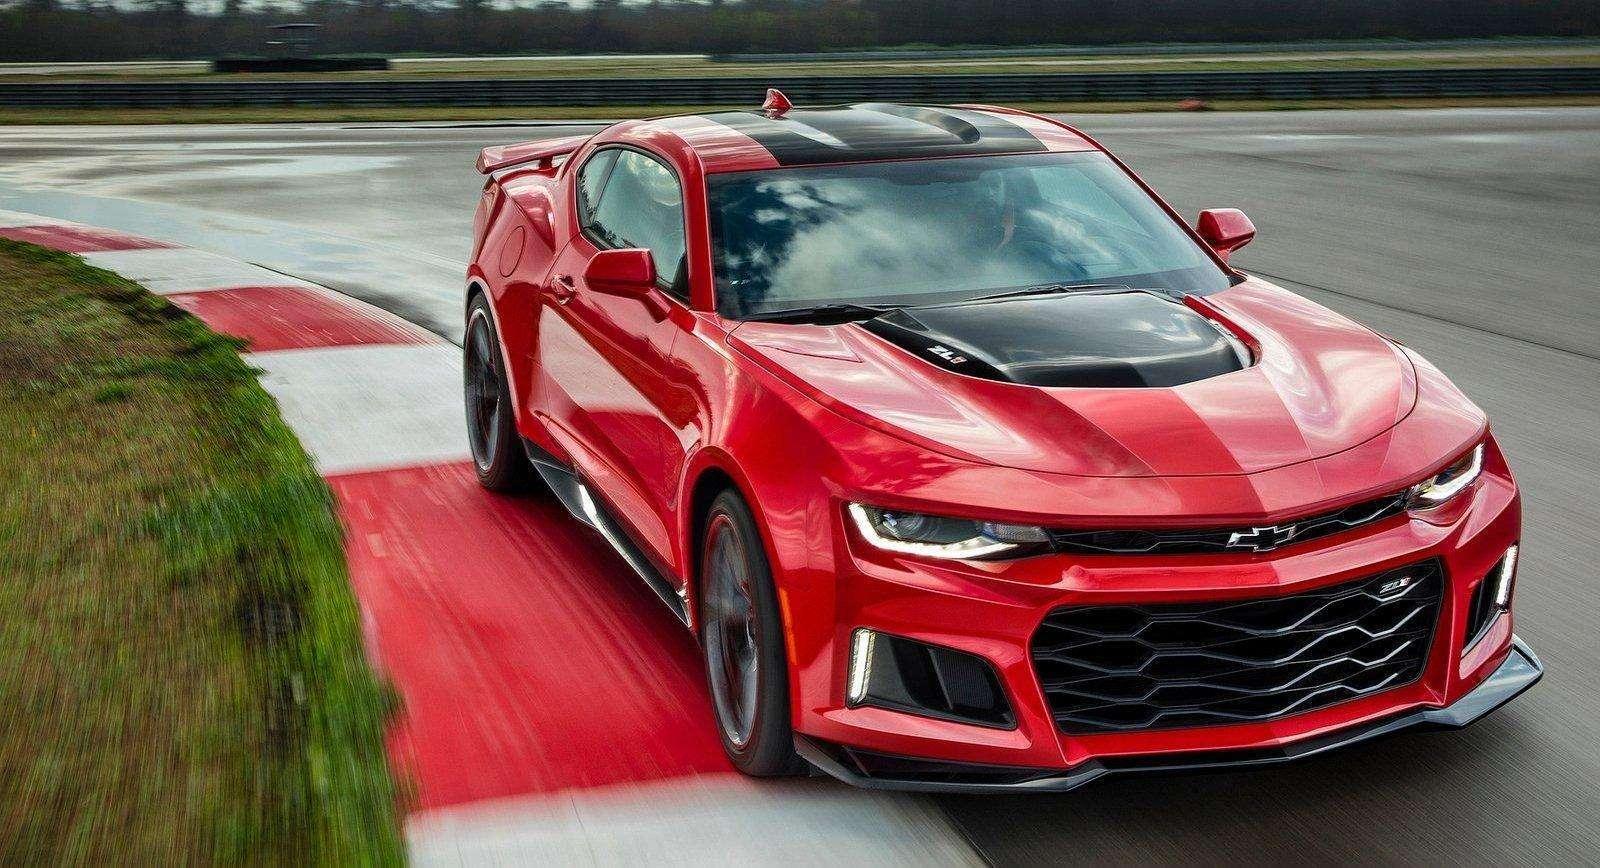 Chevrolet Camaro 2017 estreia versão ZL1, com 640 cavalos